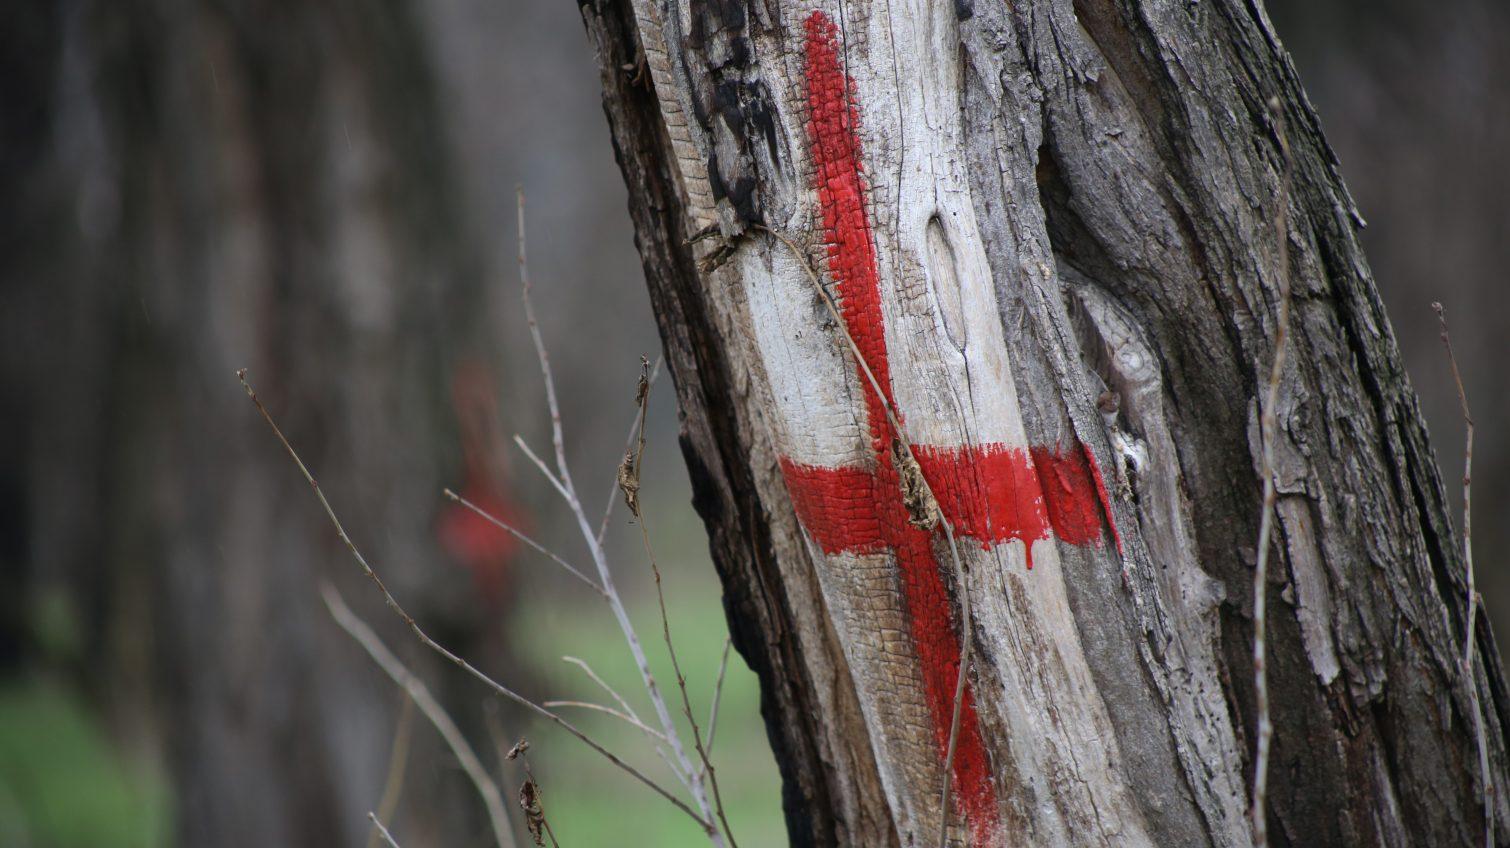 В санатории «Лермонтовский» уверяют, что спиленные деревья были сухими (фото, документ) «фото»